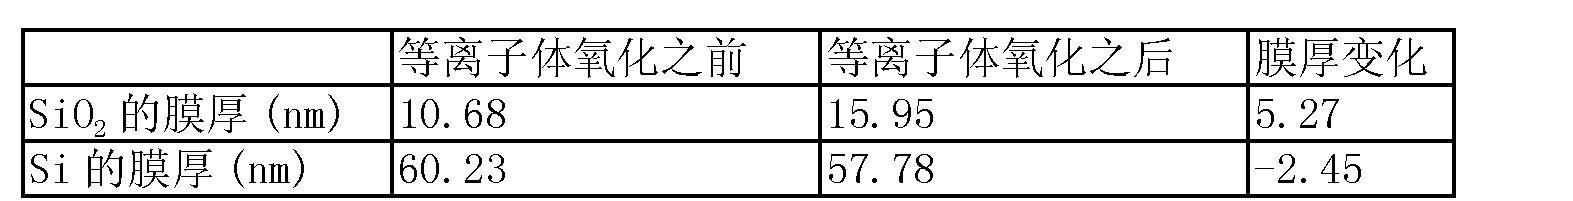 Figure CN101454892BD00121